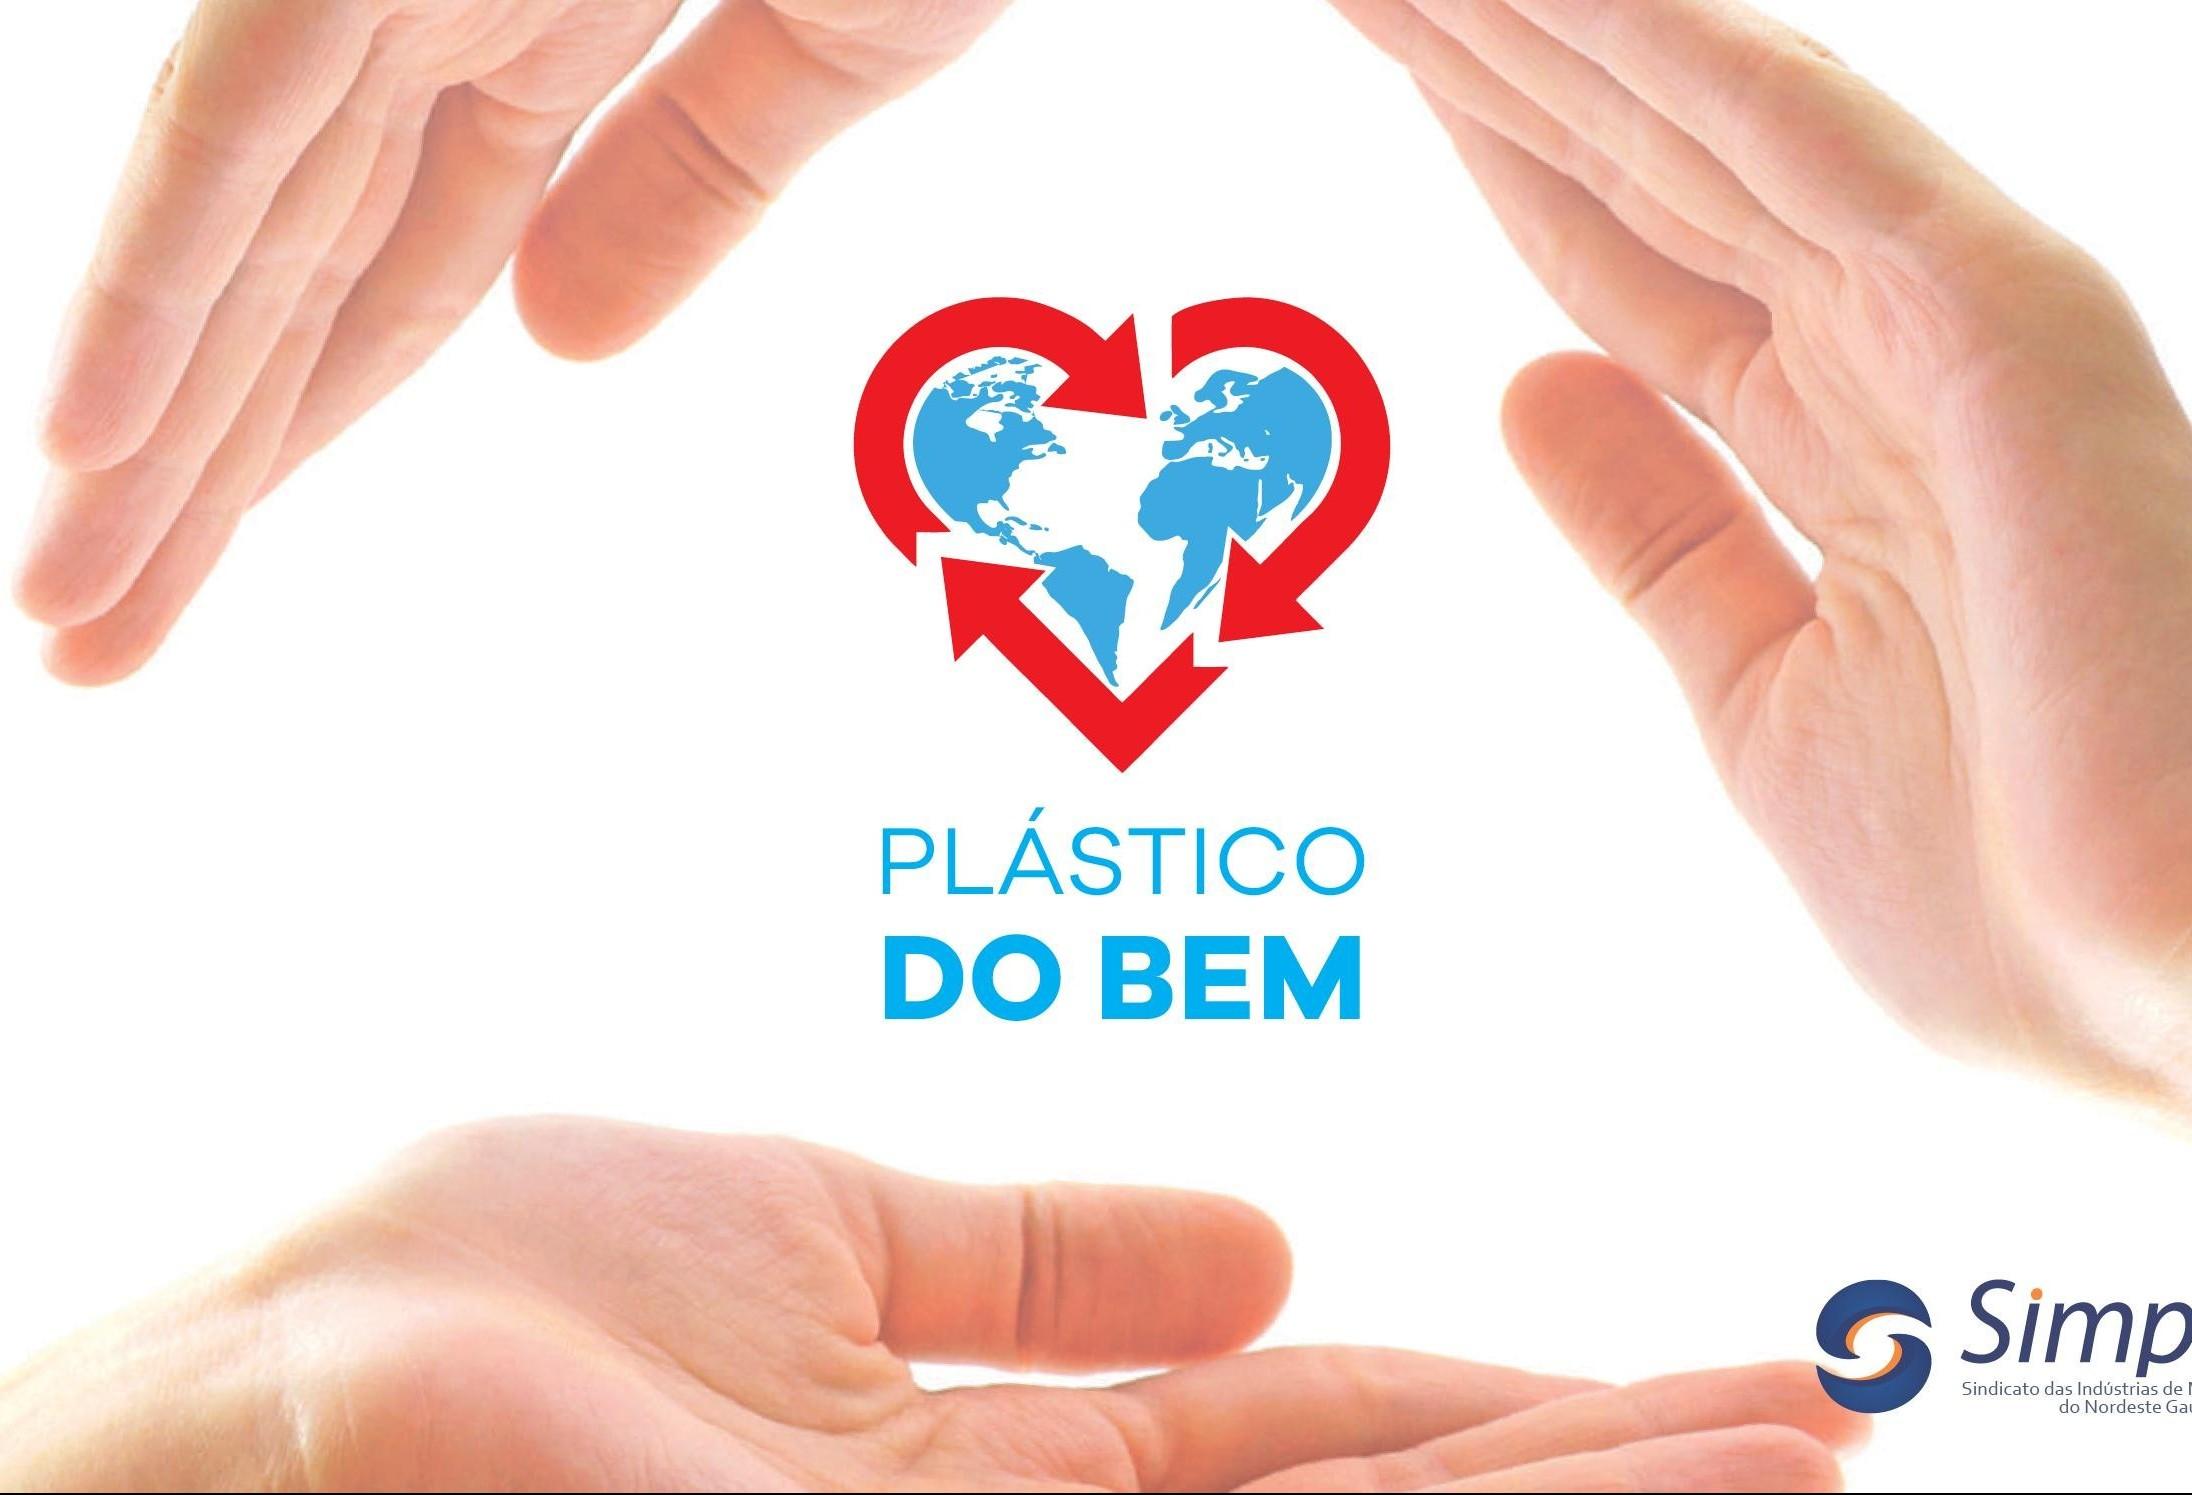 PLÁSTICO DO BEM: foca na educação ambiental e na reciclagem de plástico